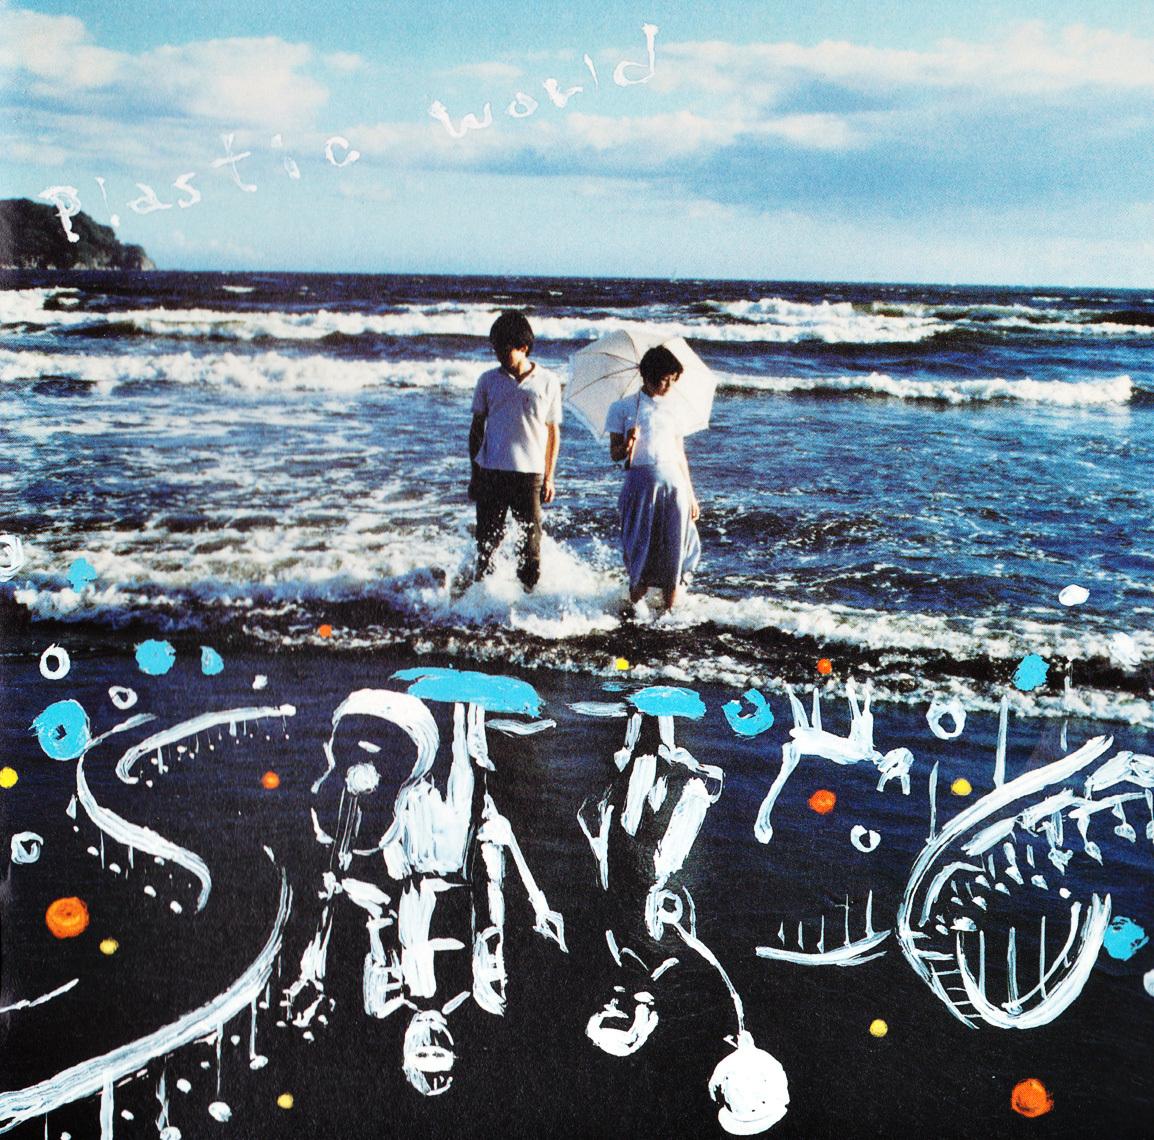 アルバム『プラスチックワールド』 ★ダウンロード版 7曲入り - 画像1